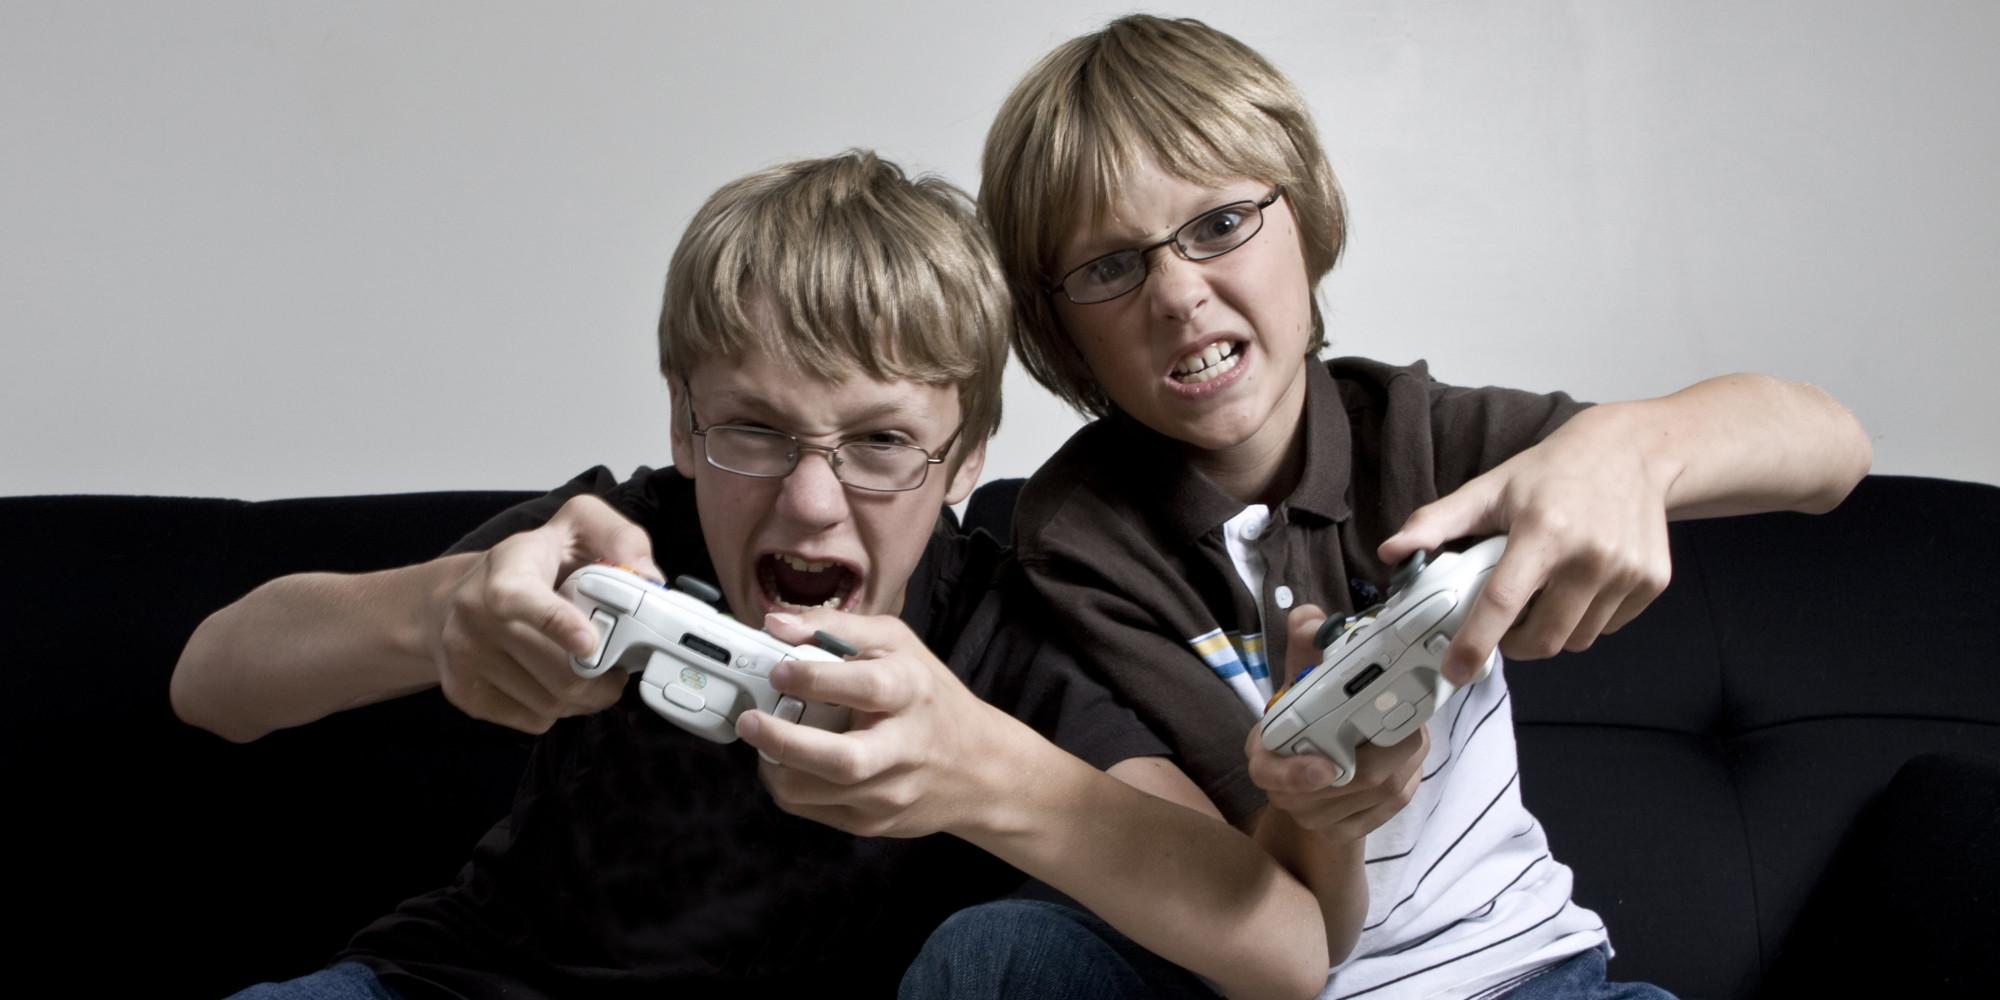 Formation jeux video : vérifier la qualité des jeux